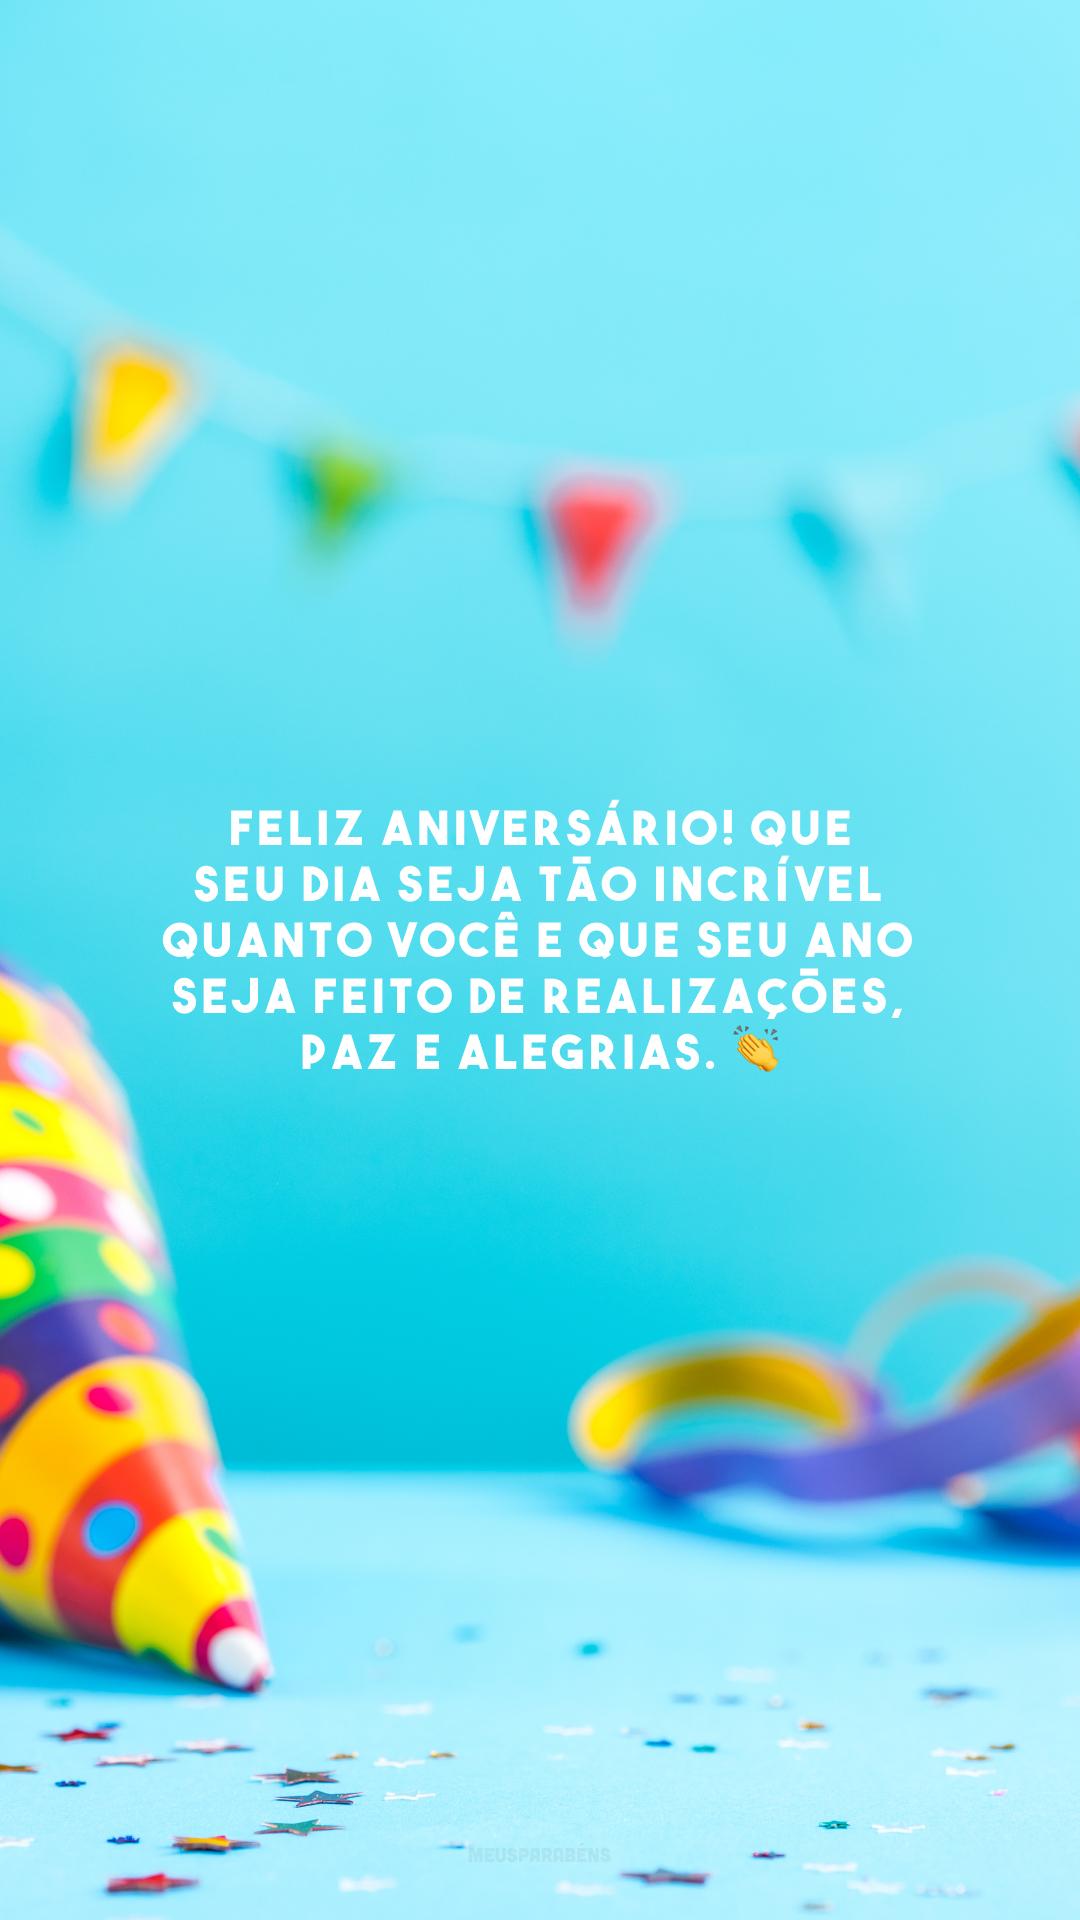 Feliz aniversário! Que seu dia seja tão incrível quanto você e que seu ano seja feito de realizações, paz e alegrias. 👏